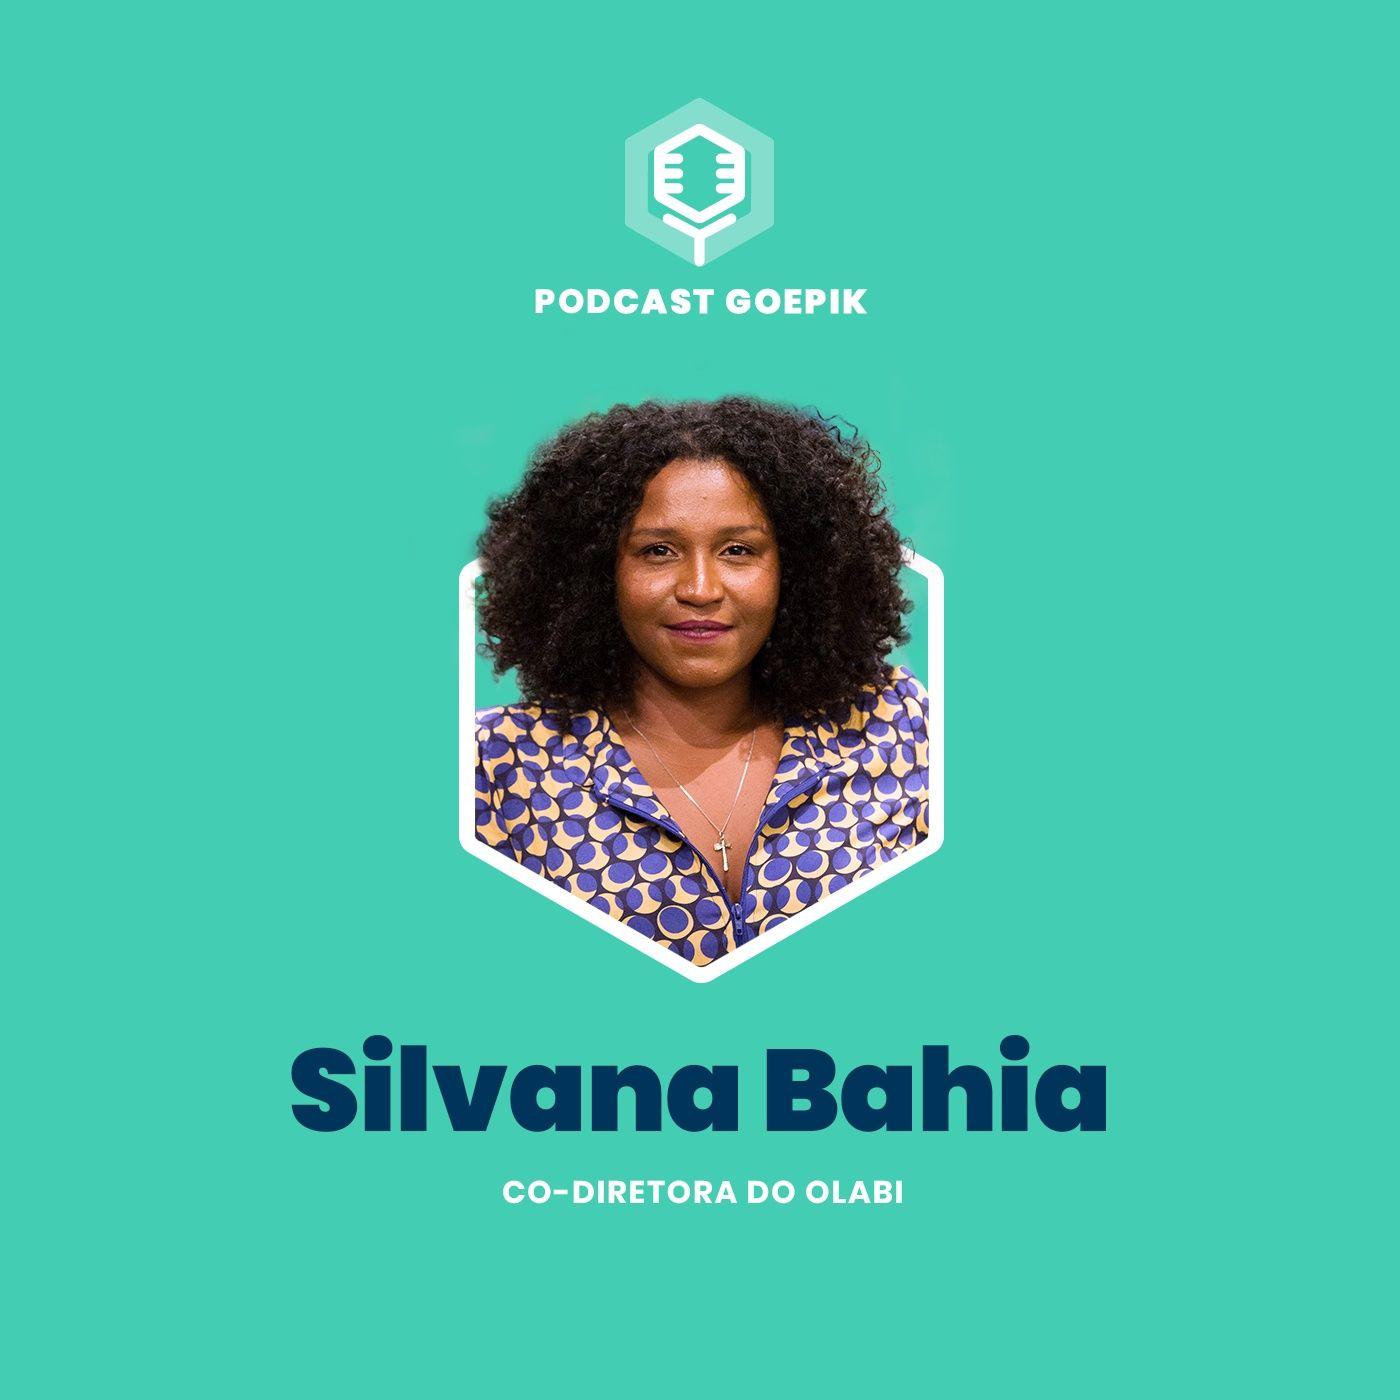 22. [Silvana Bahia] Democratização das tecnologias para uma transformação social